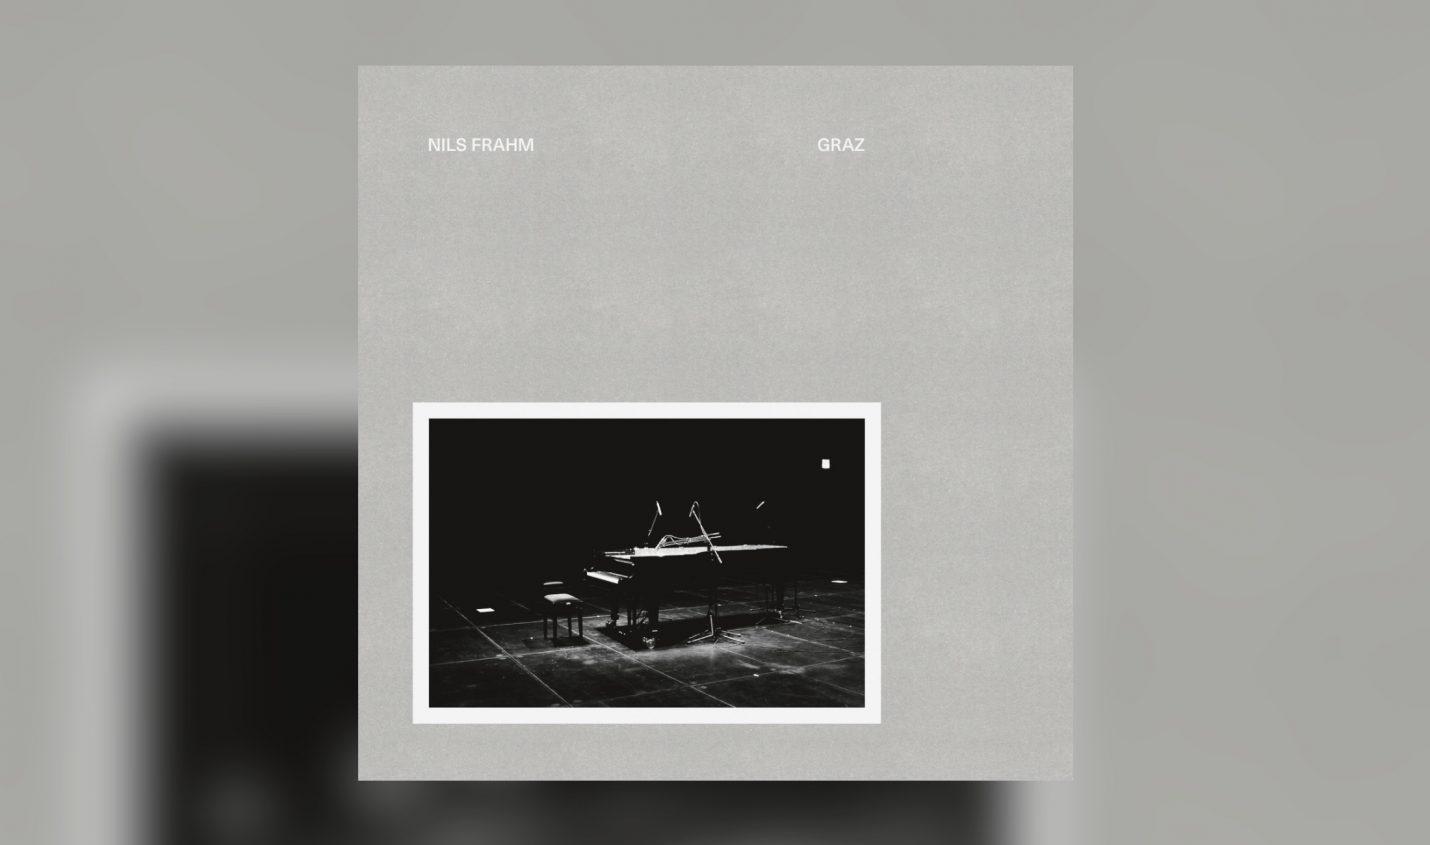 Nils Frahm: Neues Album 'Graz' überraschend veröffentlicht